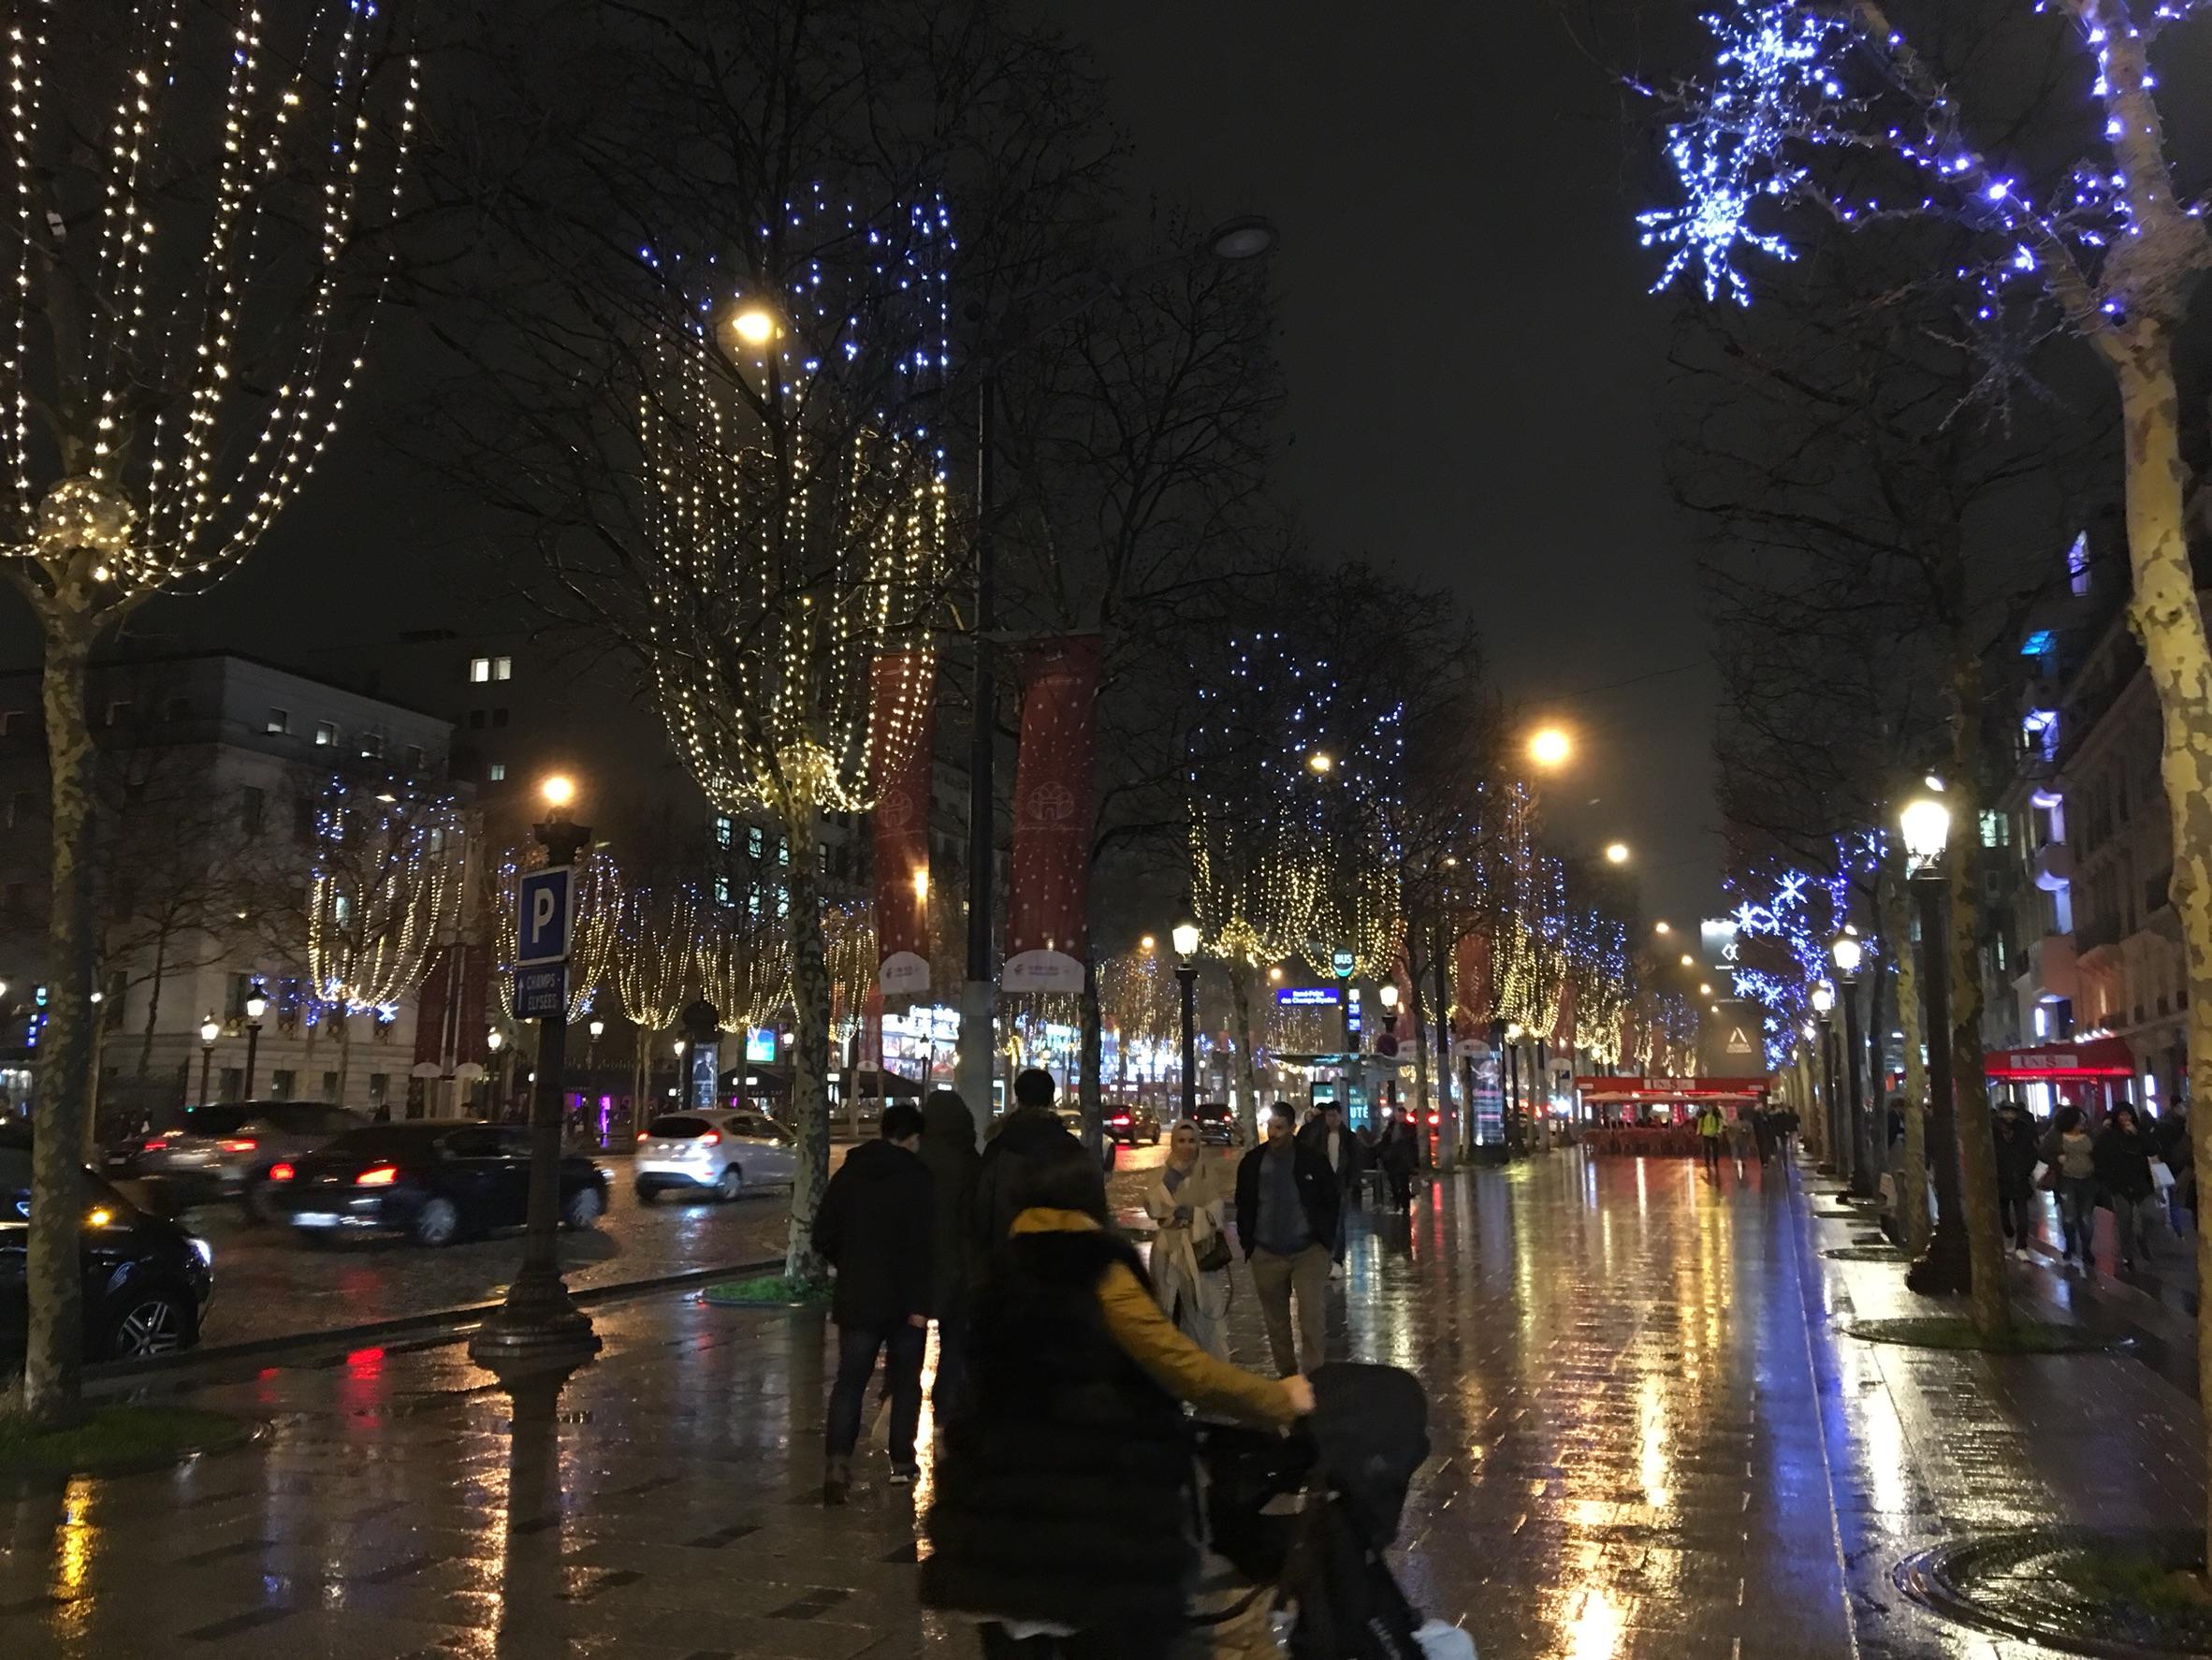 【フランス留学】渡仏前夜!今の想いをつらつら。